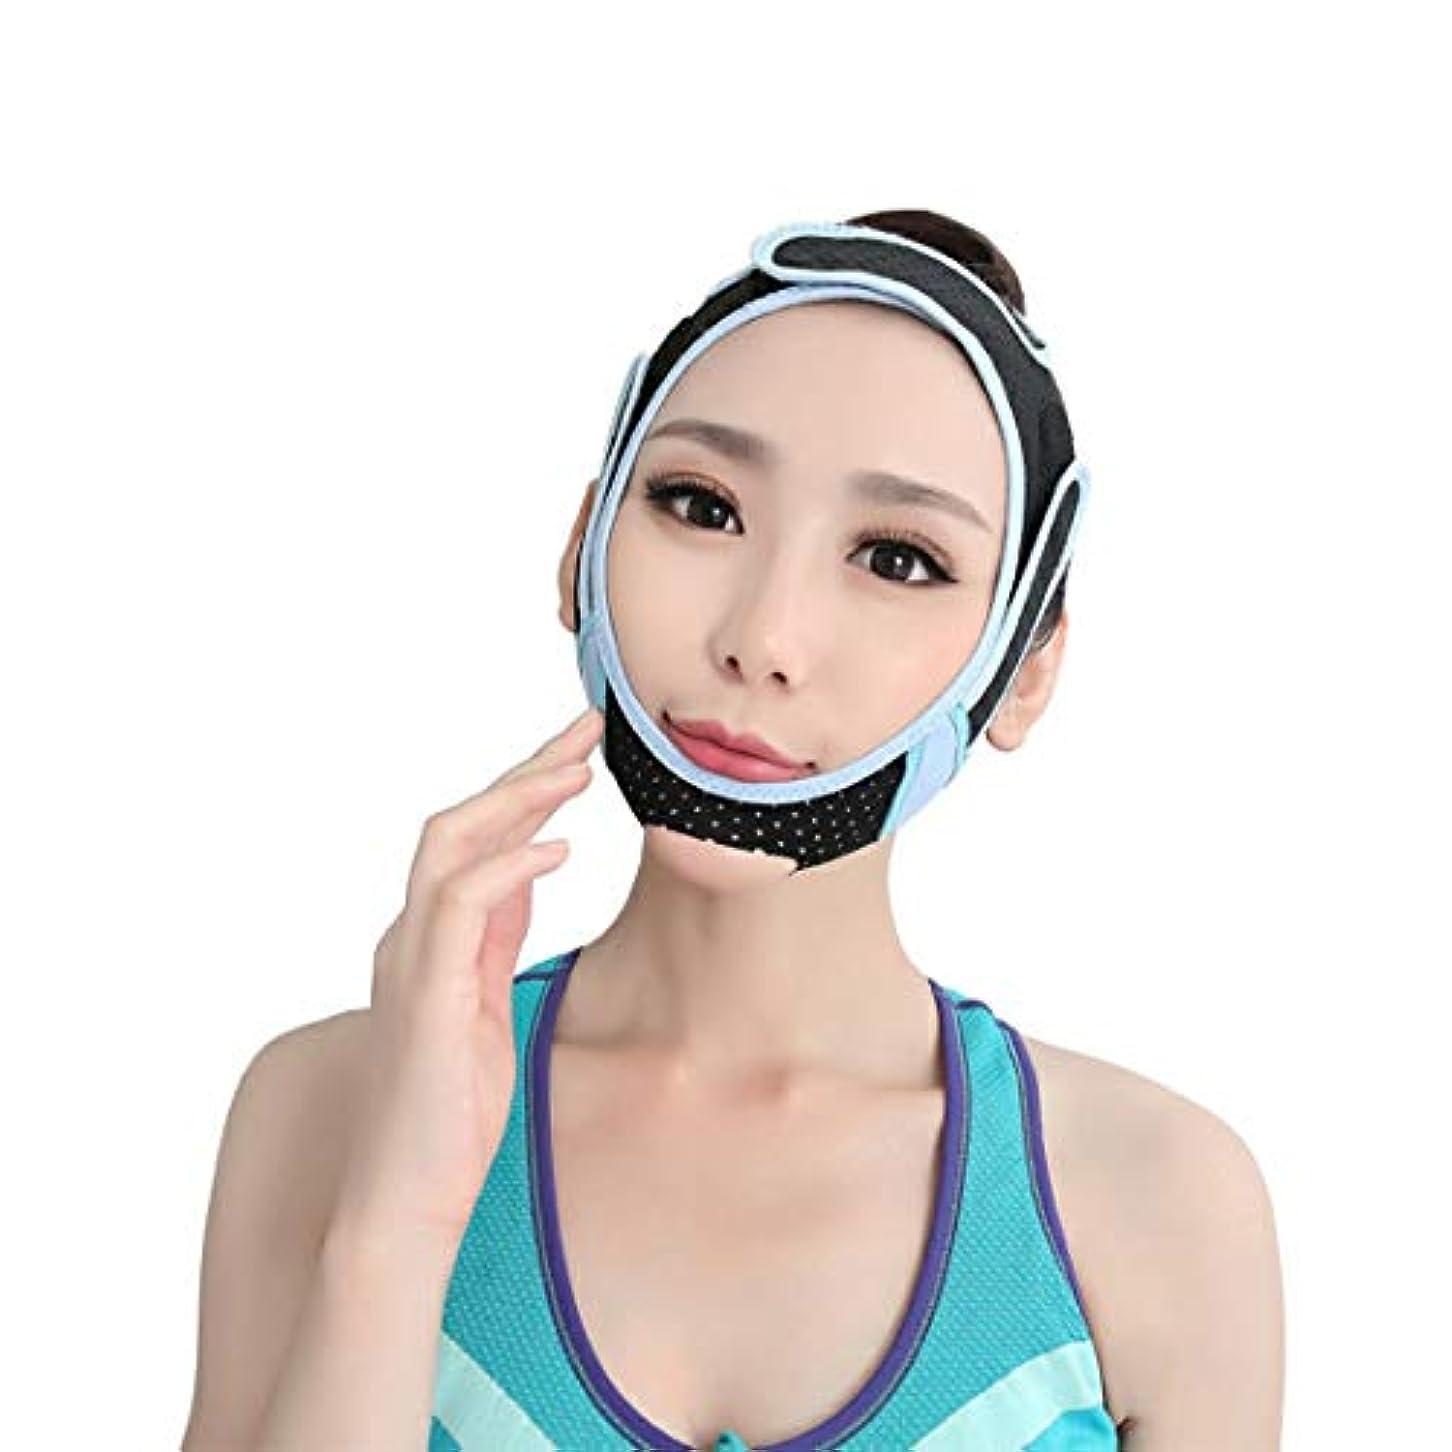 びっくりゲインセイ縞模様の小顔 ベルト リフトアップ フェイスマスク グ矯正 Vライン 美顏 顎サポーターサポータマスク ベルト 美顏器 男女兼用 通気性抜群 ホワ